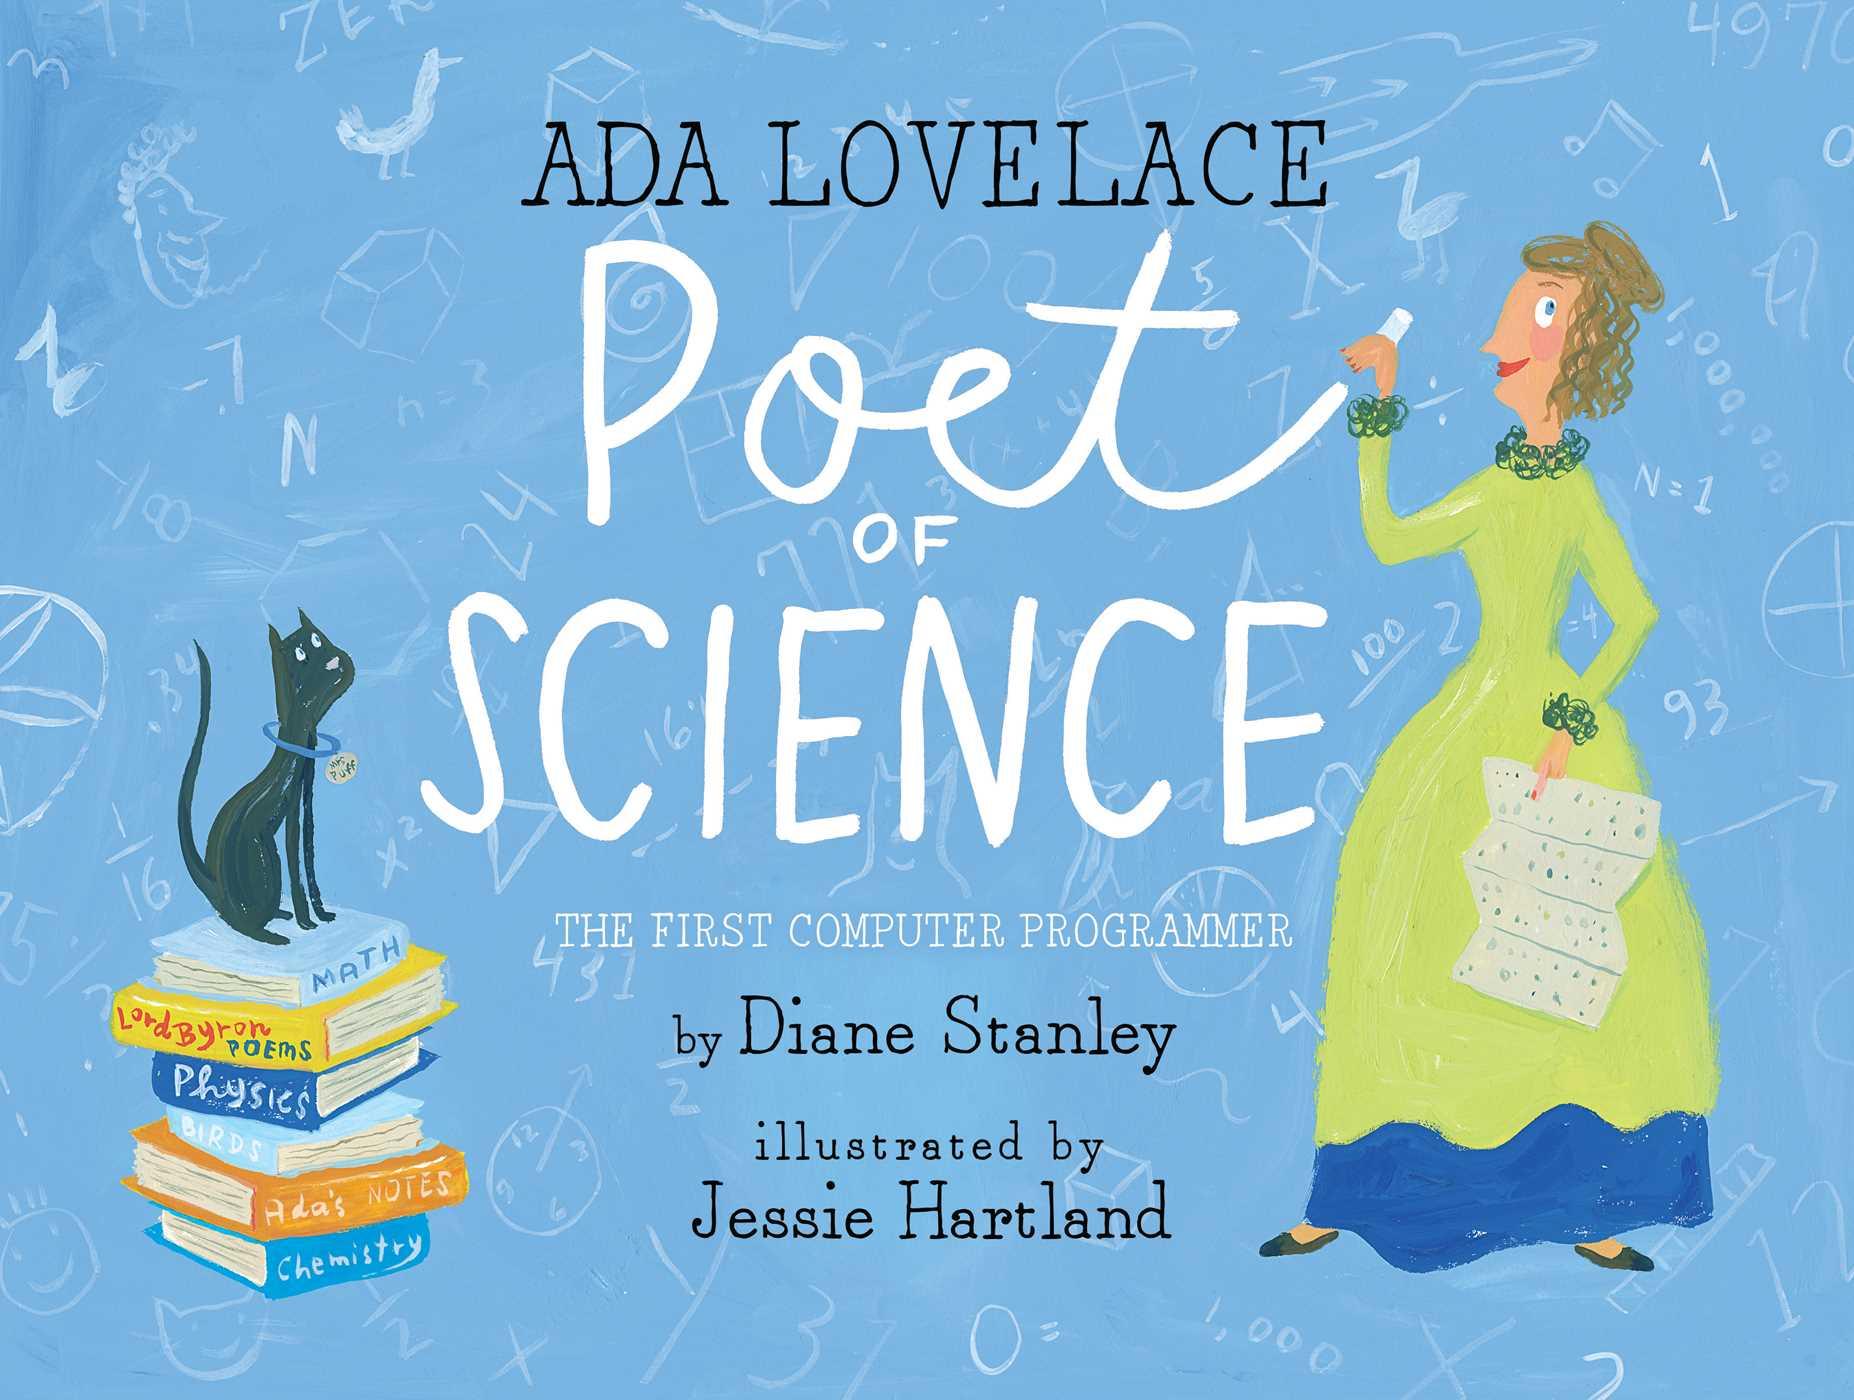 Ada Lovelace Poet of Science cover.jpg